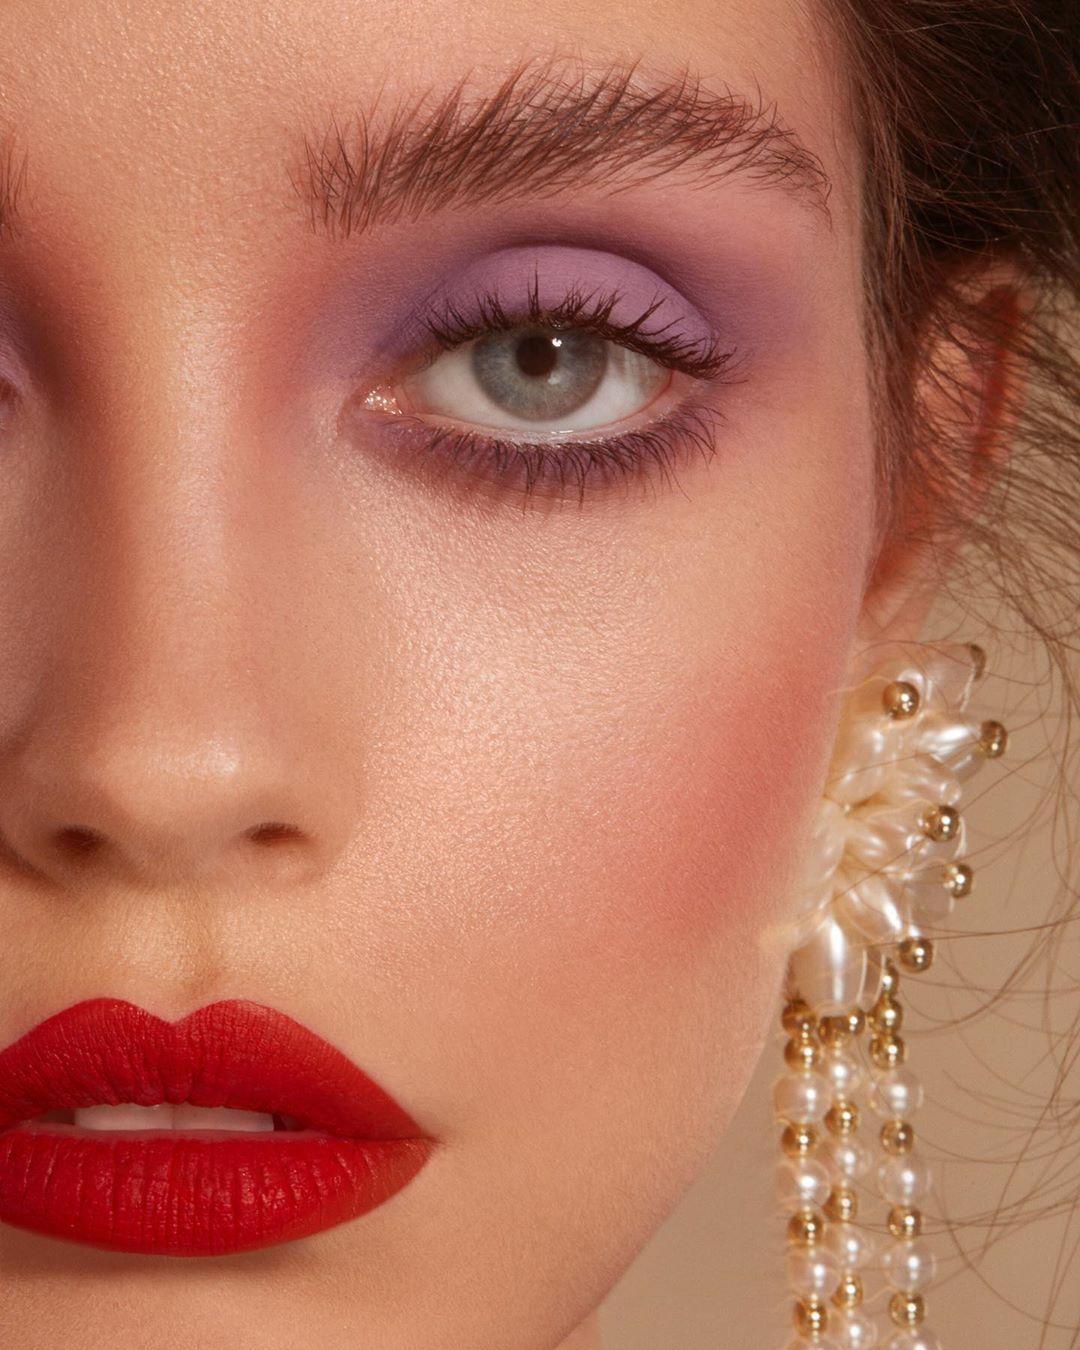 Nikki Makeup On Instagram A Midsummer Dream Photography